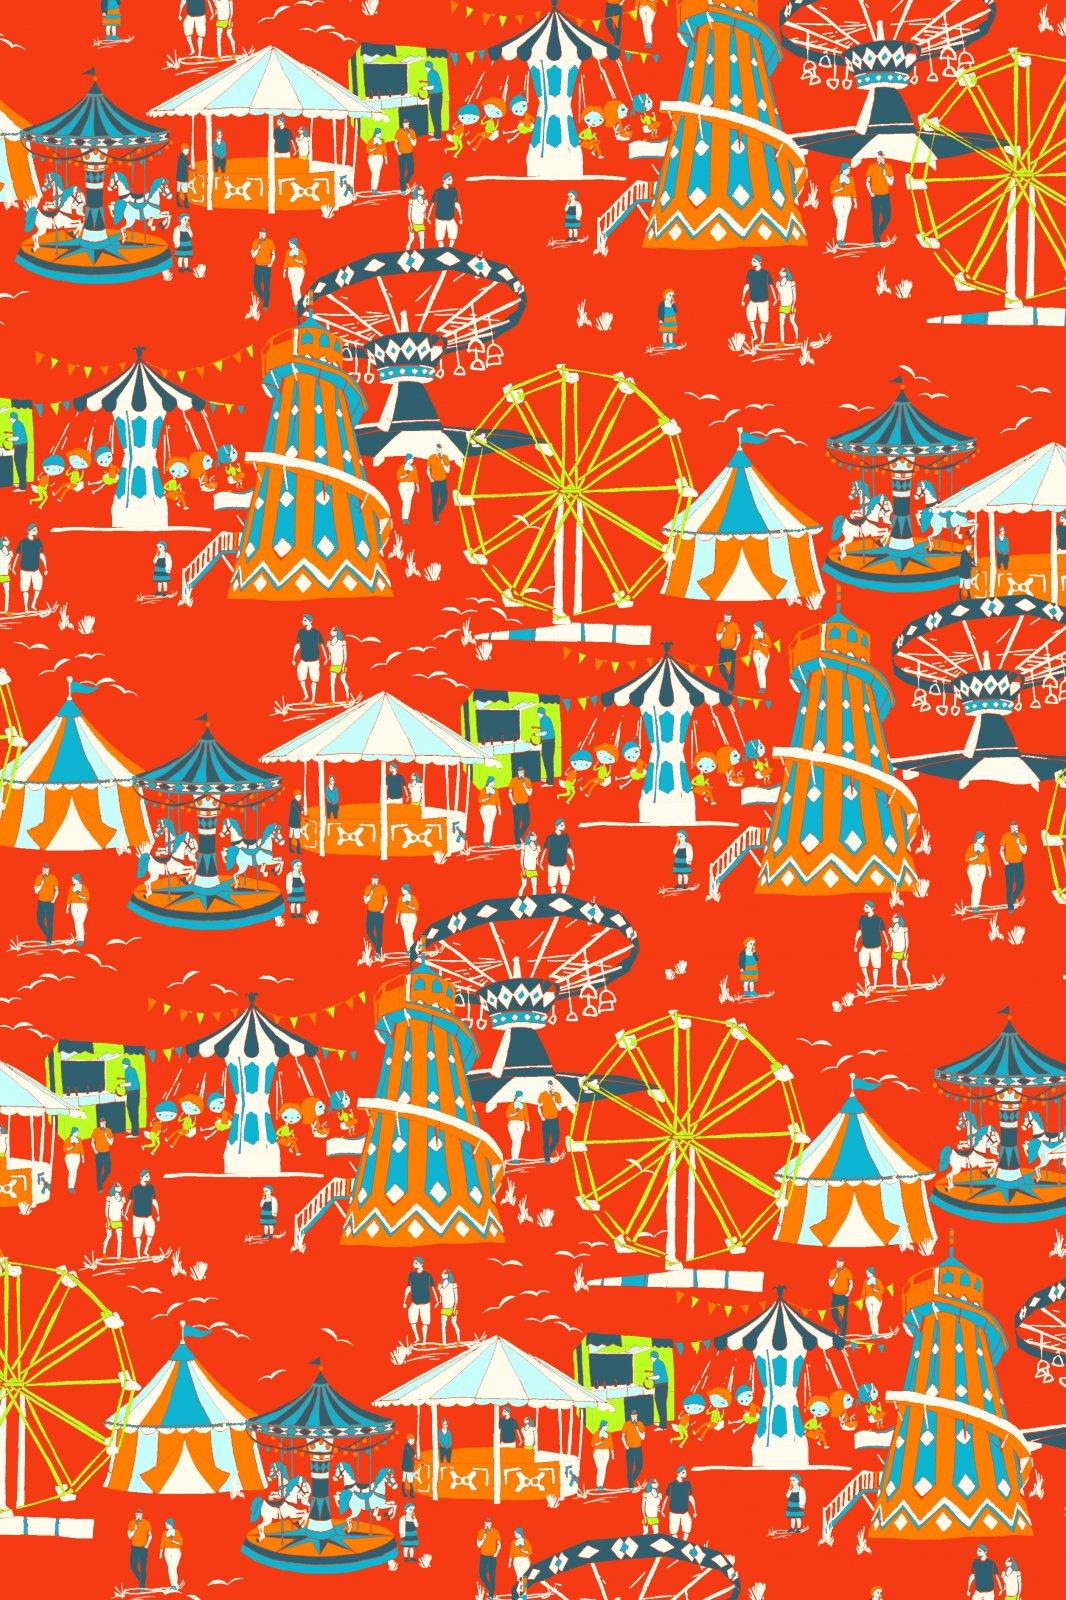 Circus Fabric Zoo Fabric Carnival Fabric